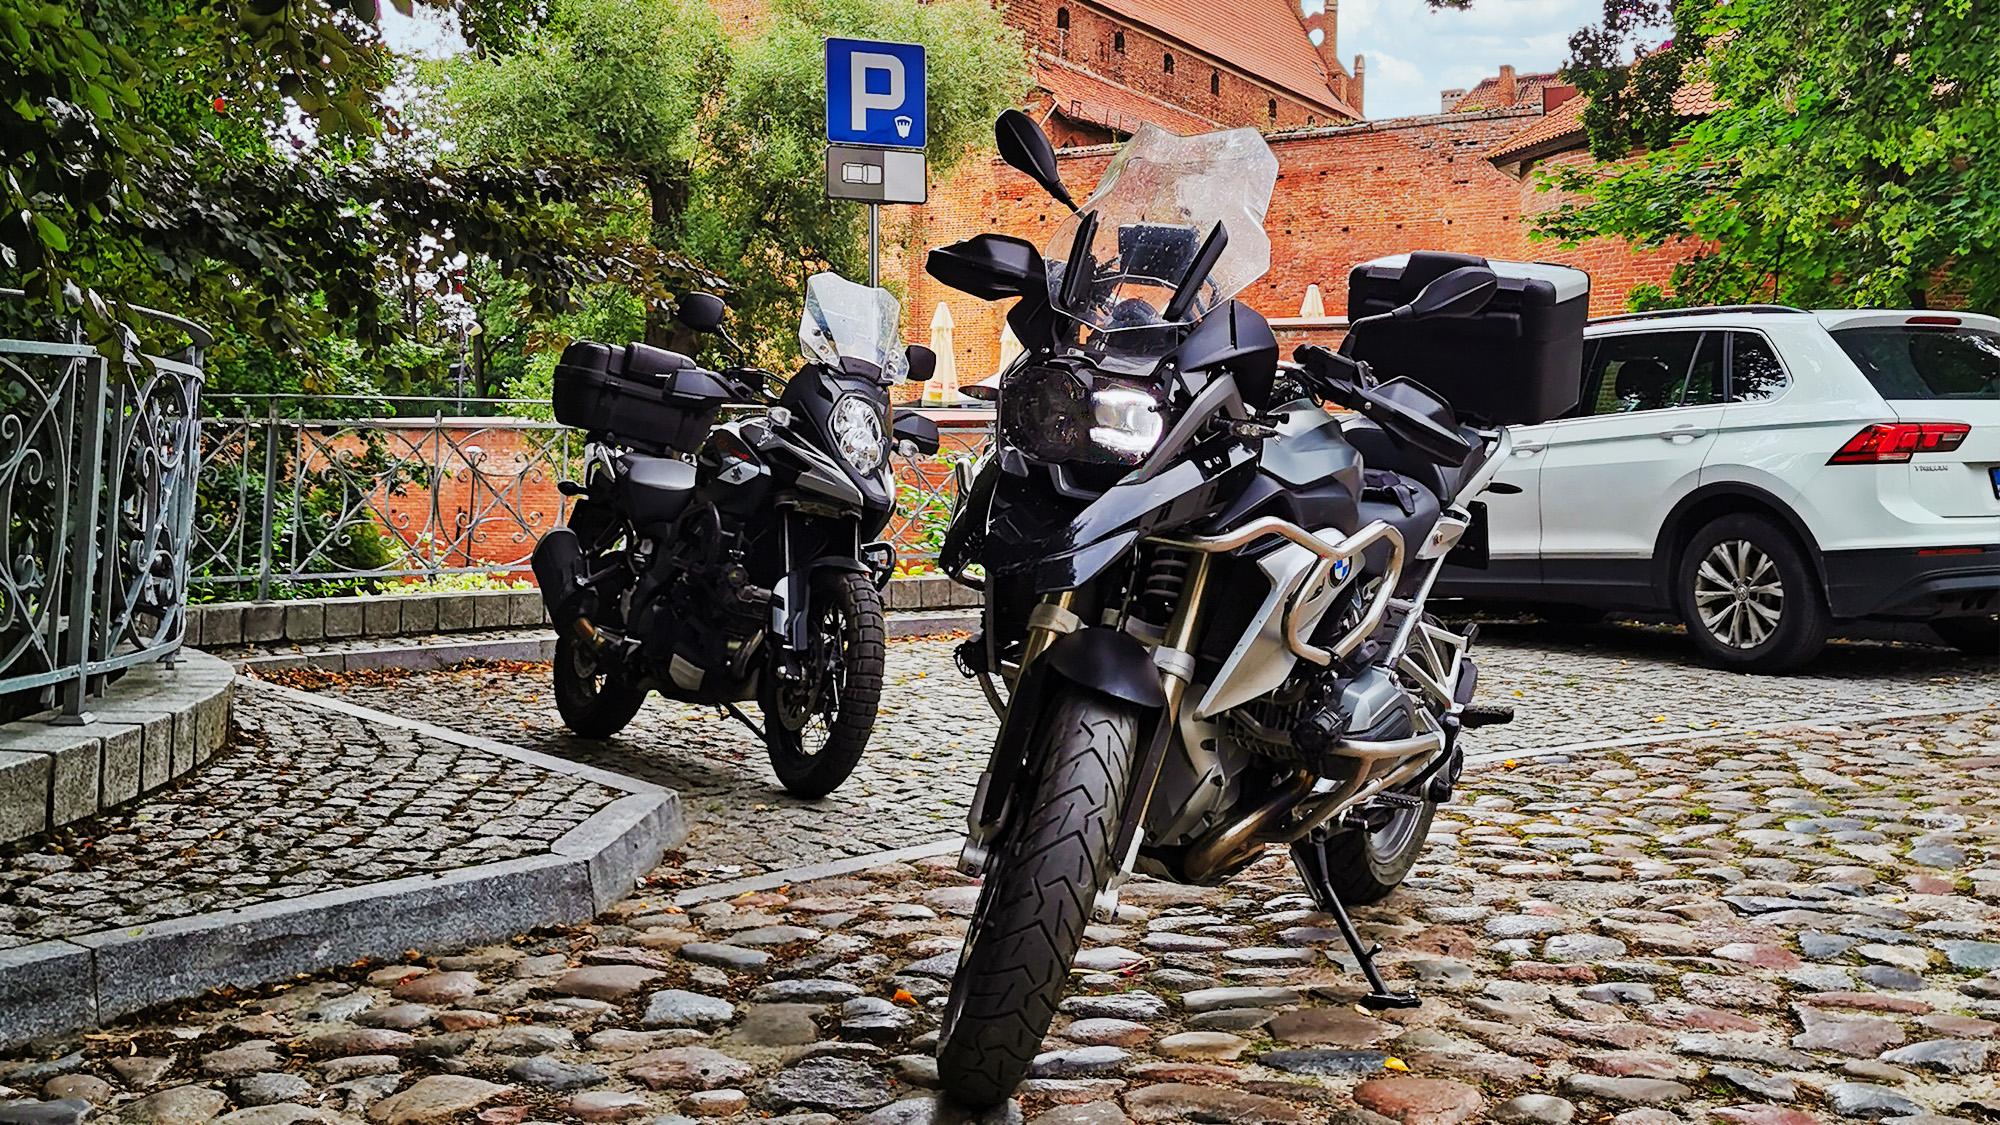 Warmia i Mazury motocyklami | 2020